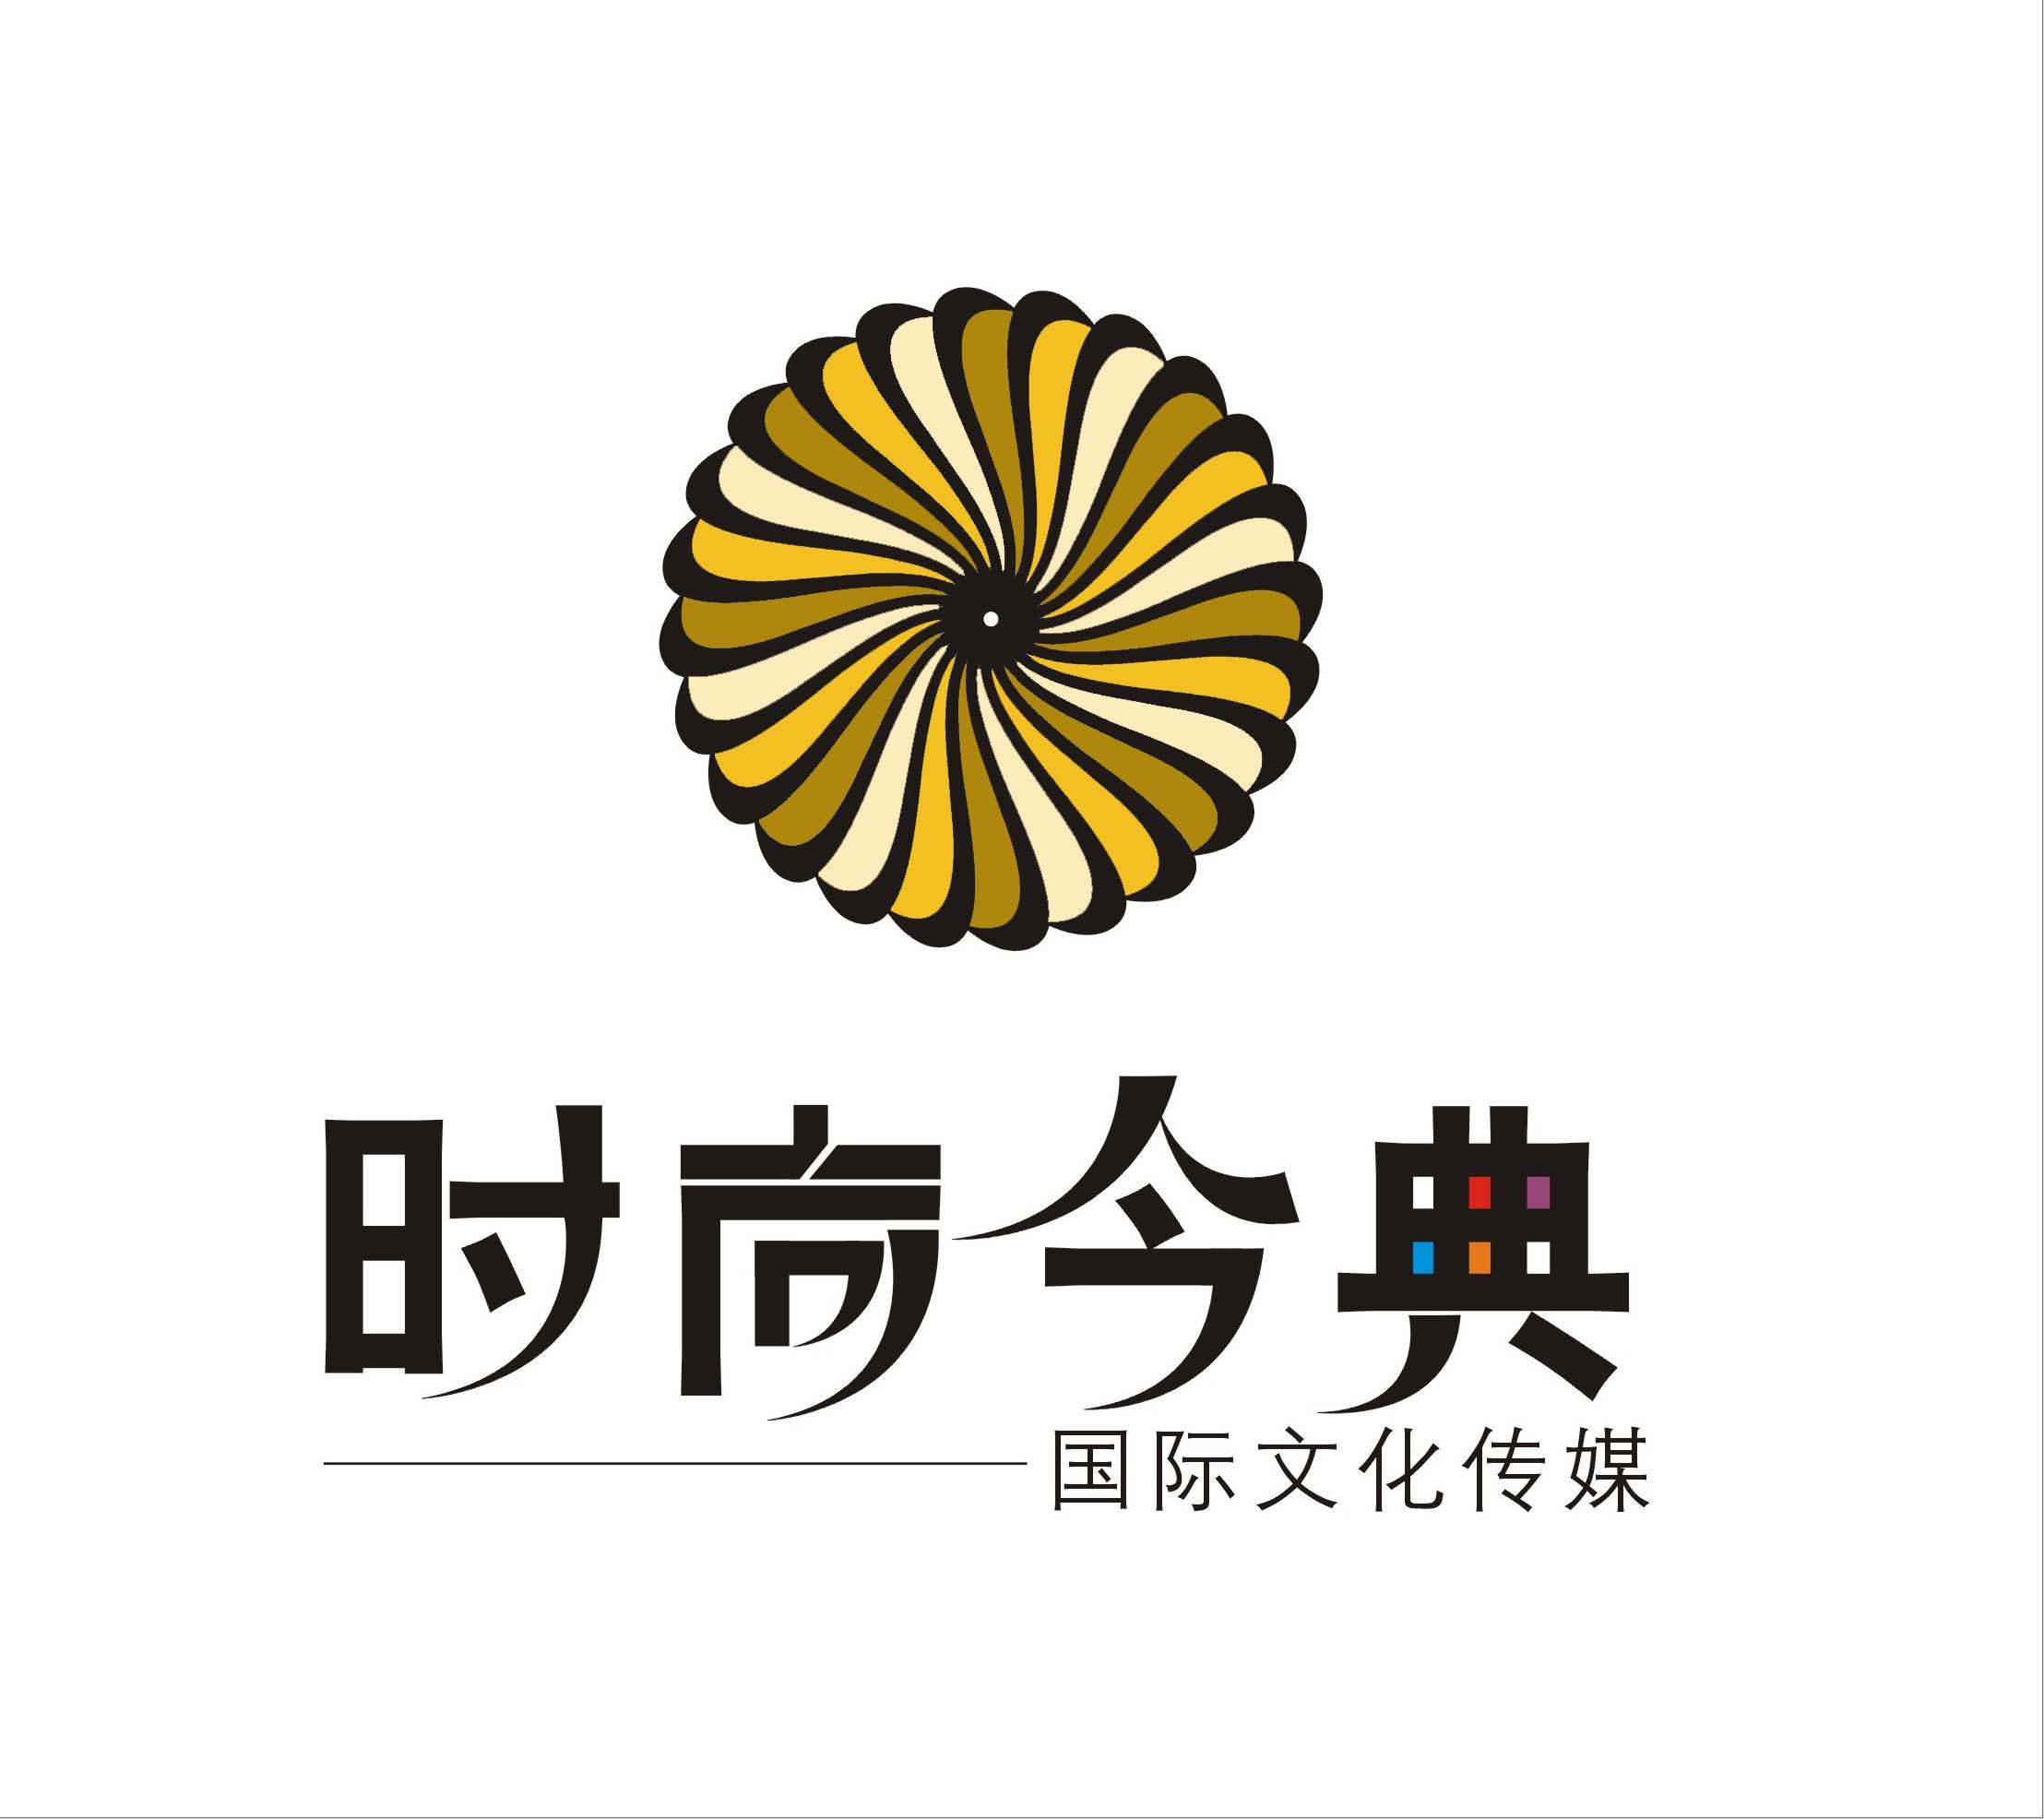 logo logo 标志 设计 矢量 矢量图 素材 图标 2216_1972